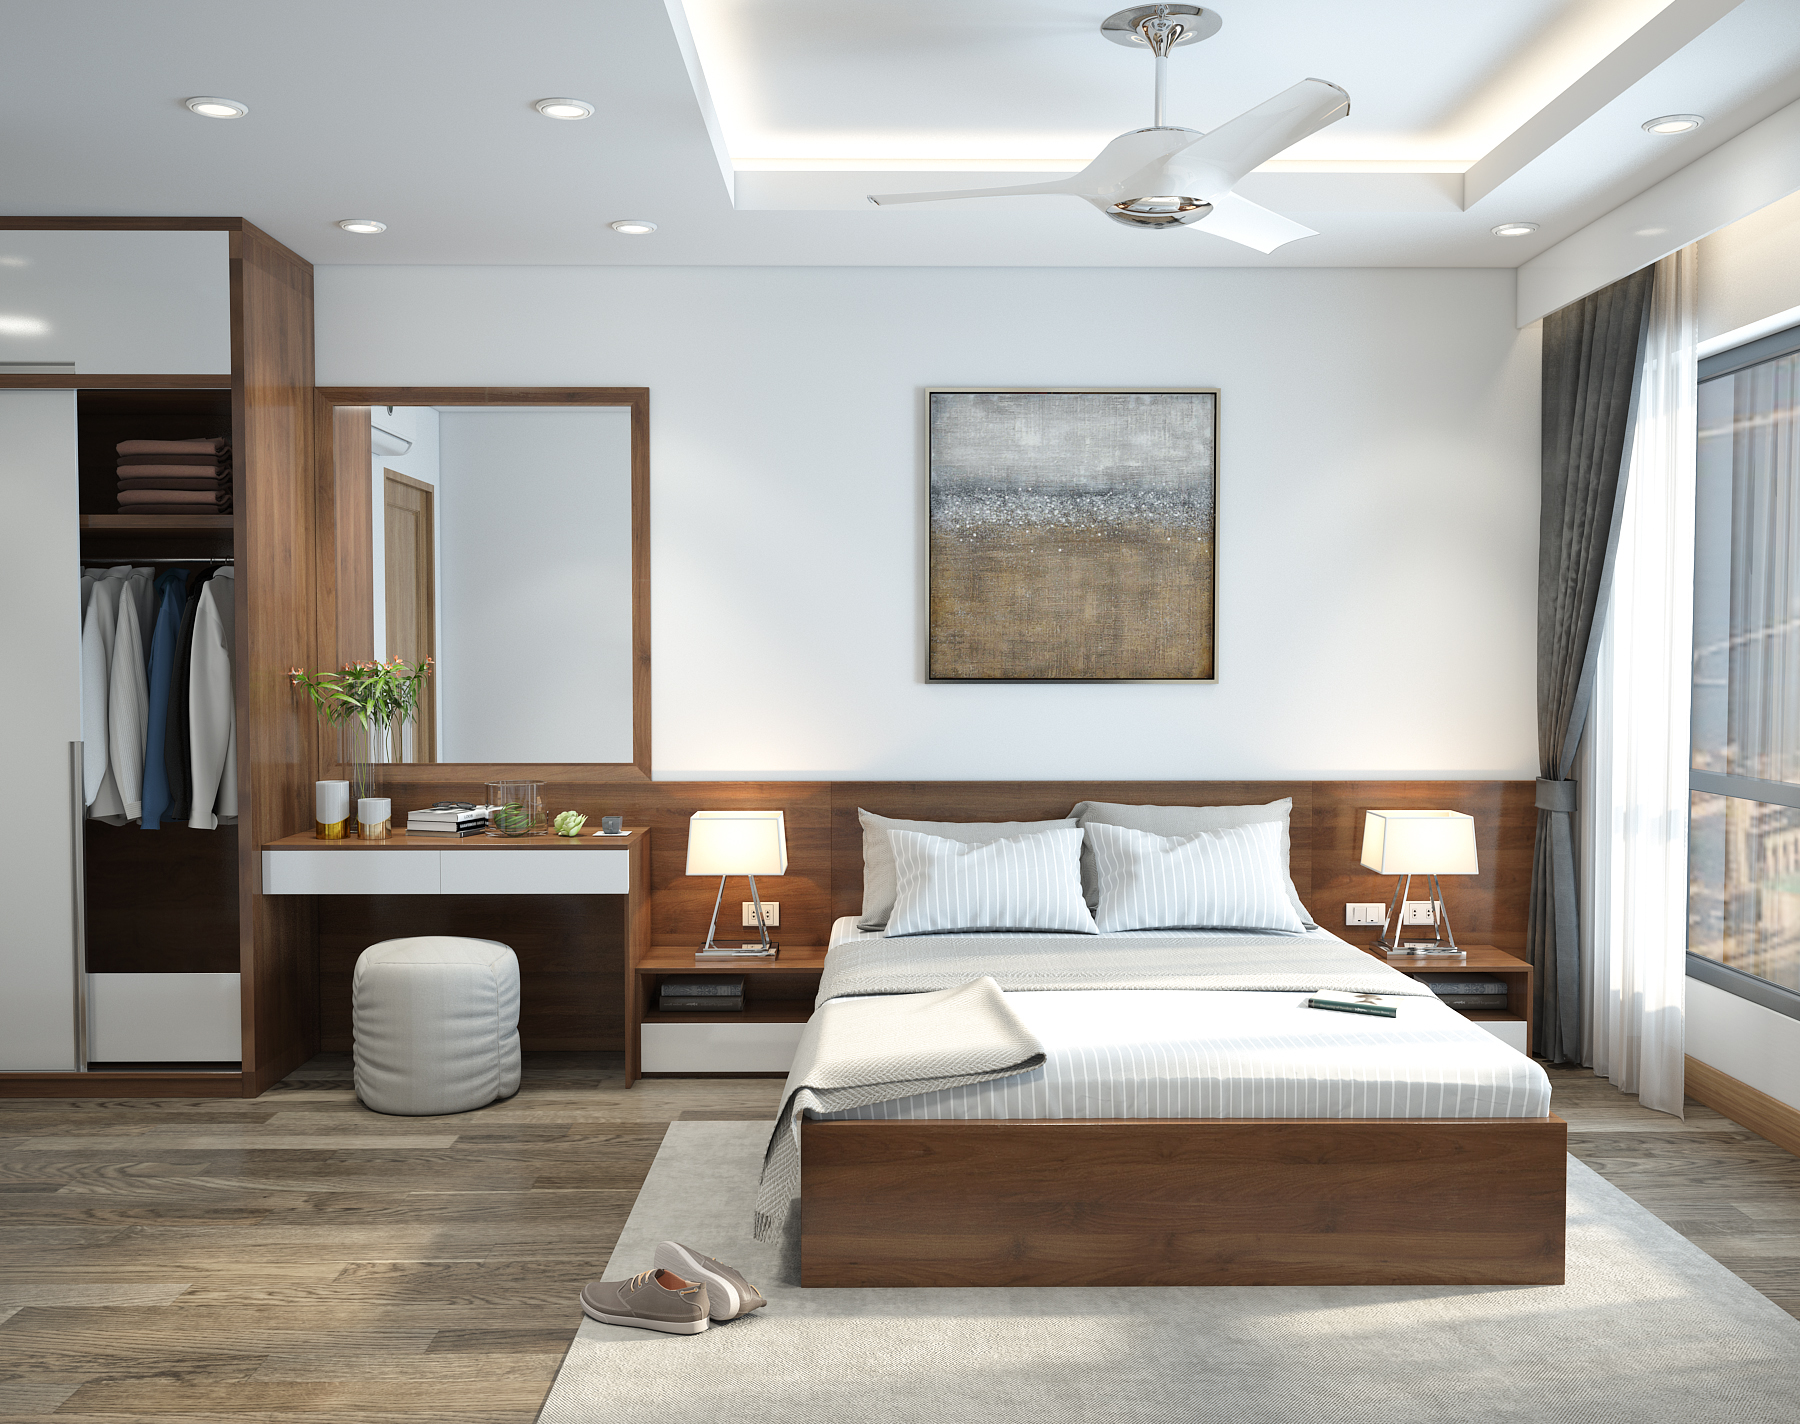 thiết kế nội thất chung cư tại Hà Nội Chung Cư An Bình City 21 1538039756